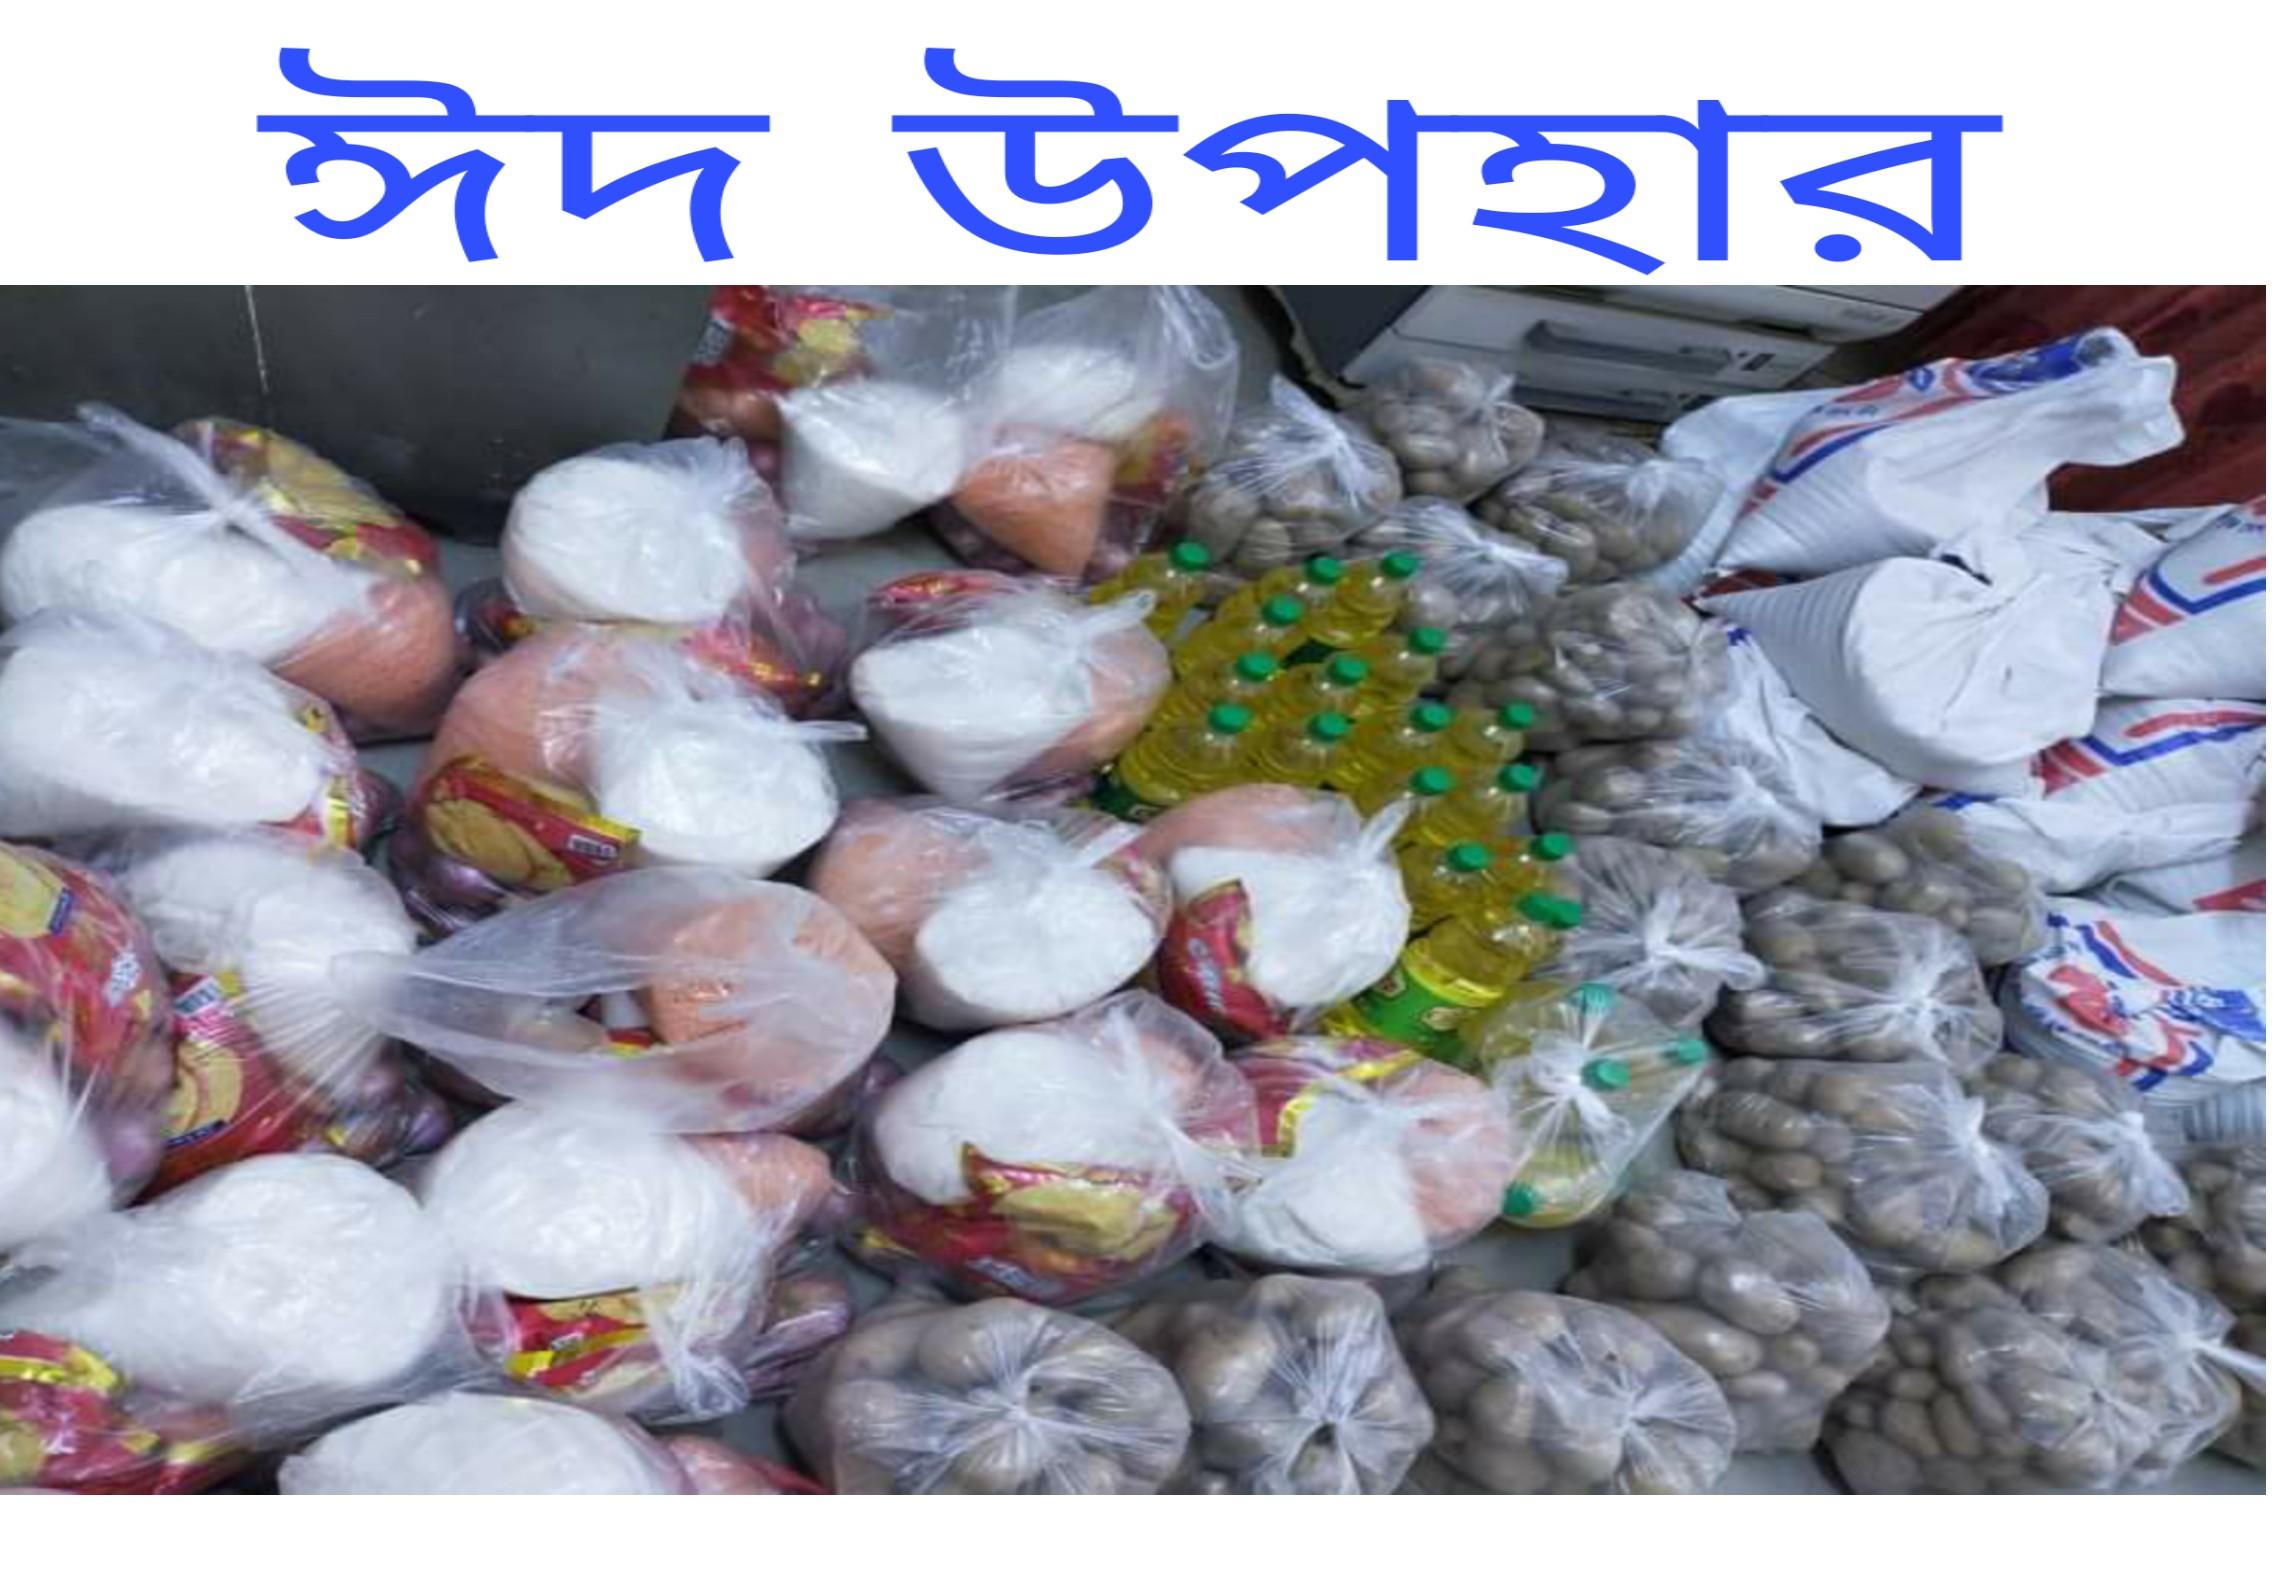 ভোলায় অসচ্ছল কর্মচারীদের ঈদ উপহার দিল জেলা জজ